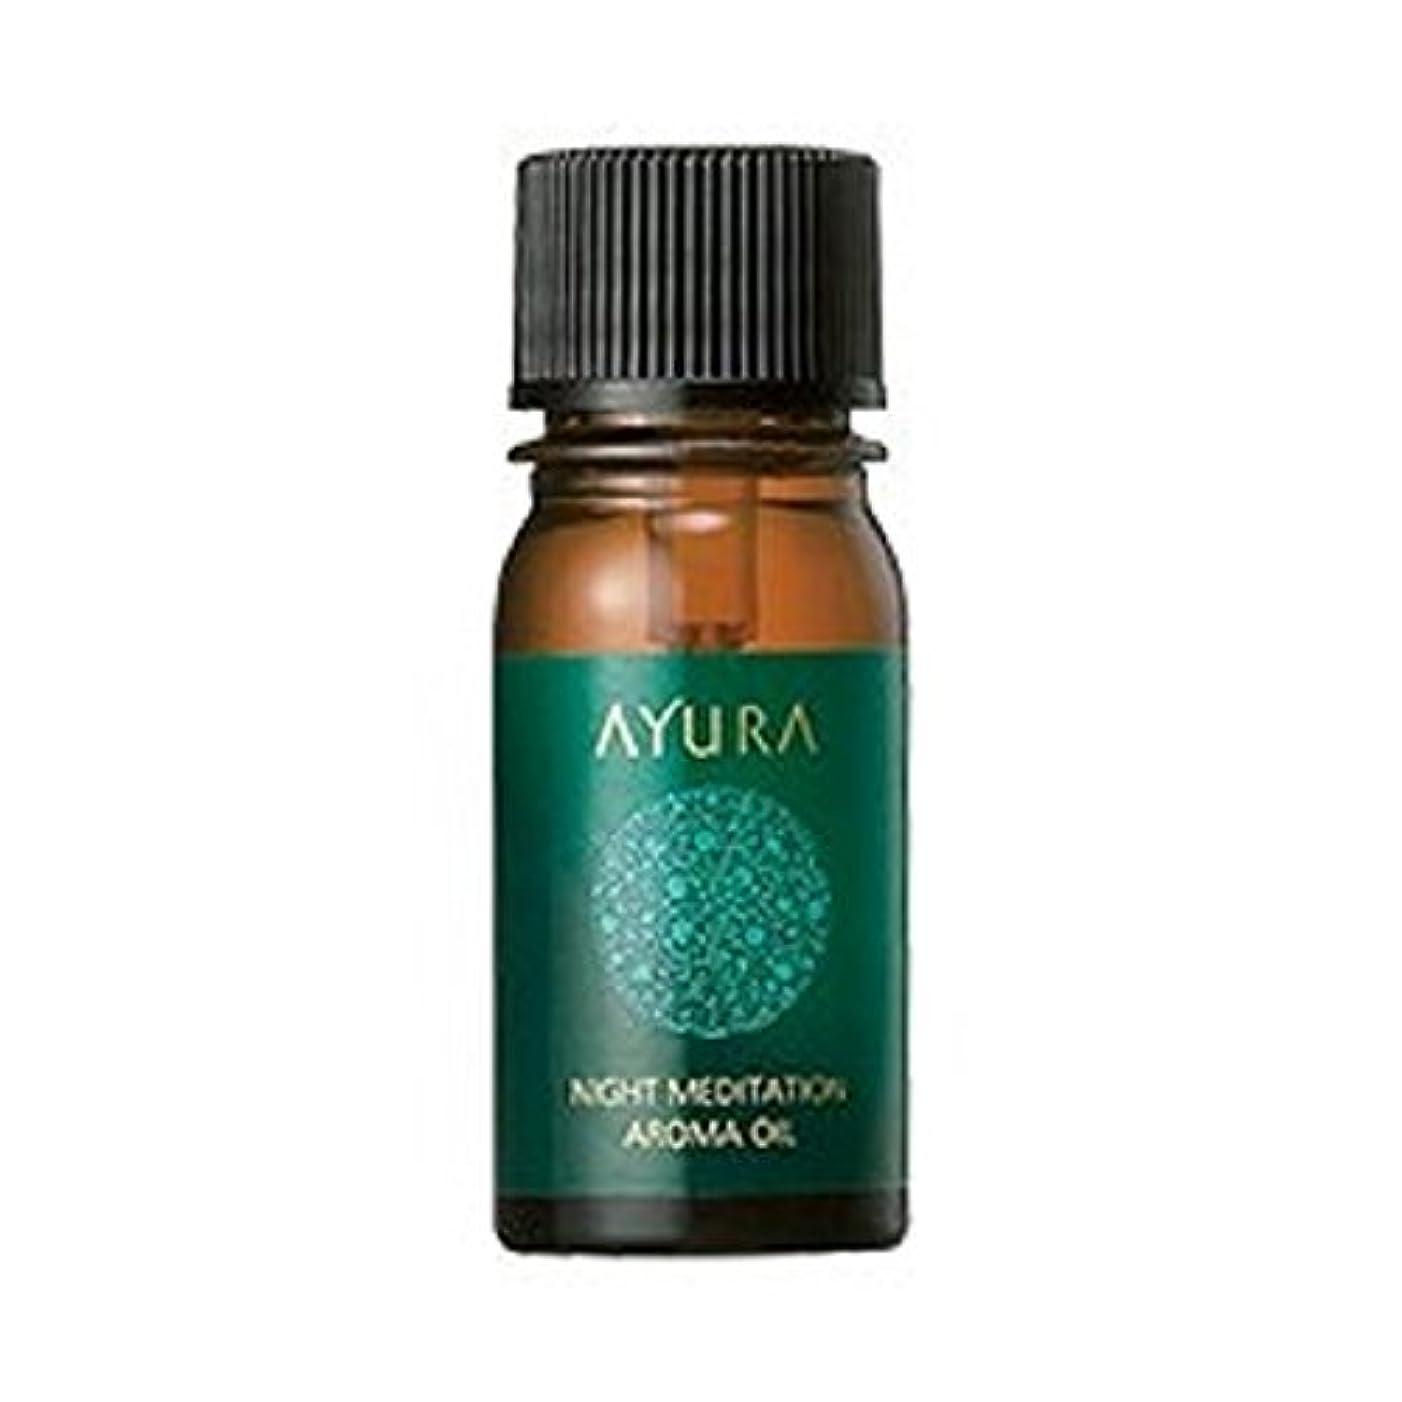 アユーラ (AYURA) ナイトメディテーション アロマオイル 5mL 深い安らぎ誘うアロマティックハーブの香り